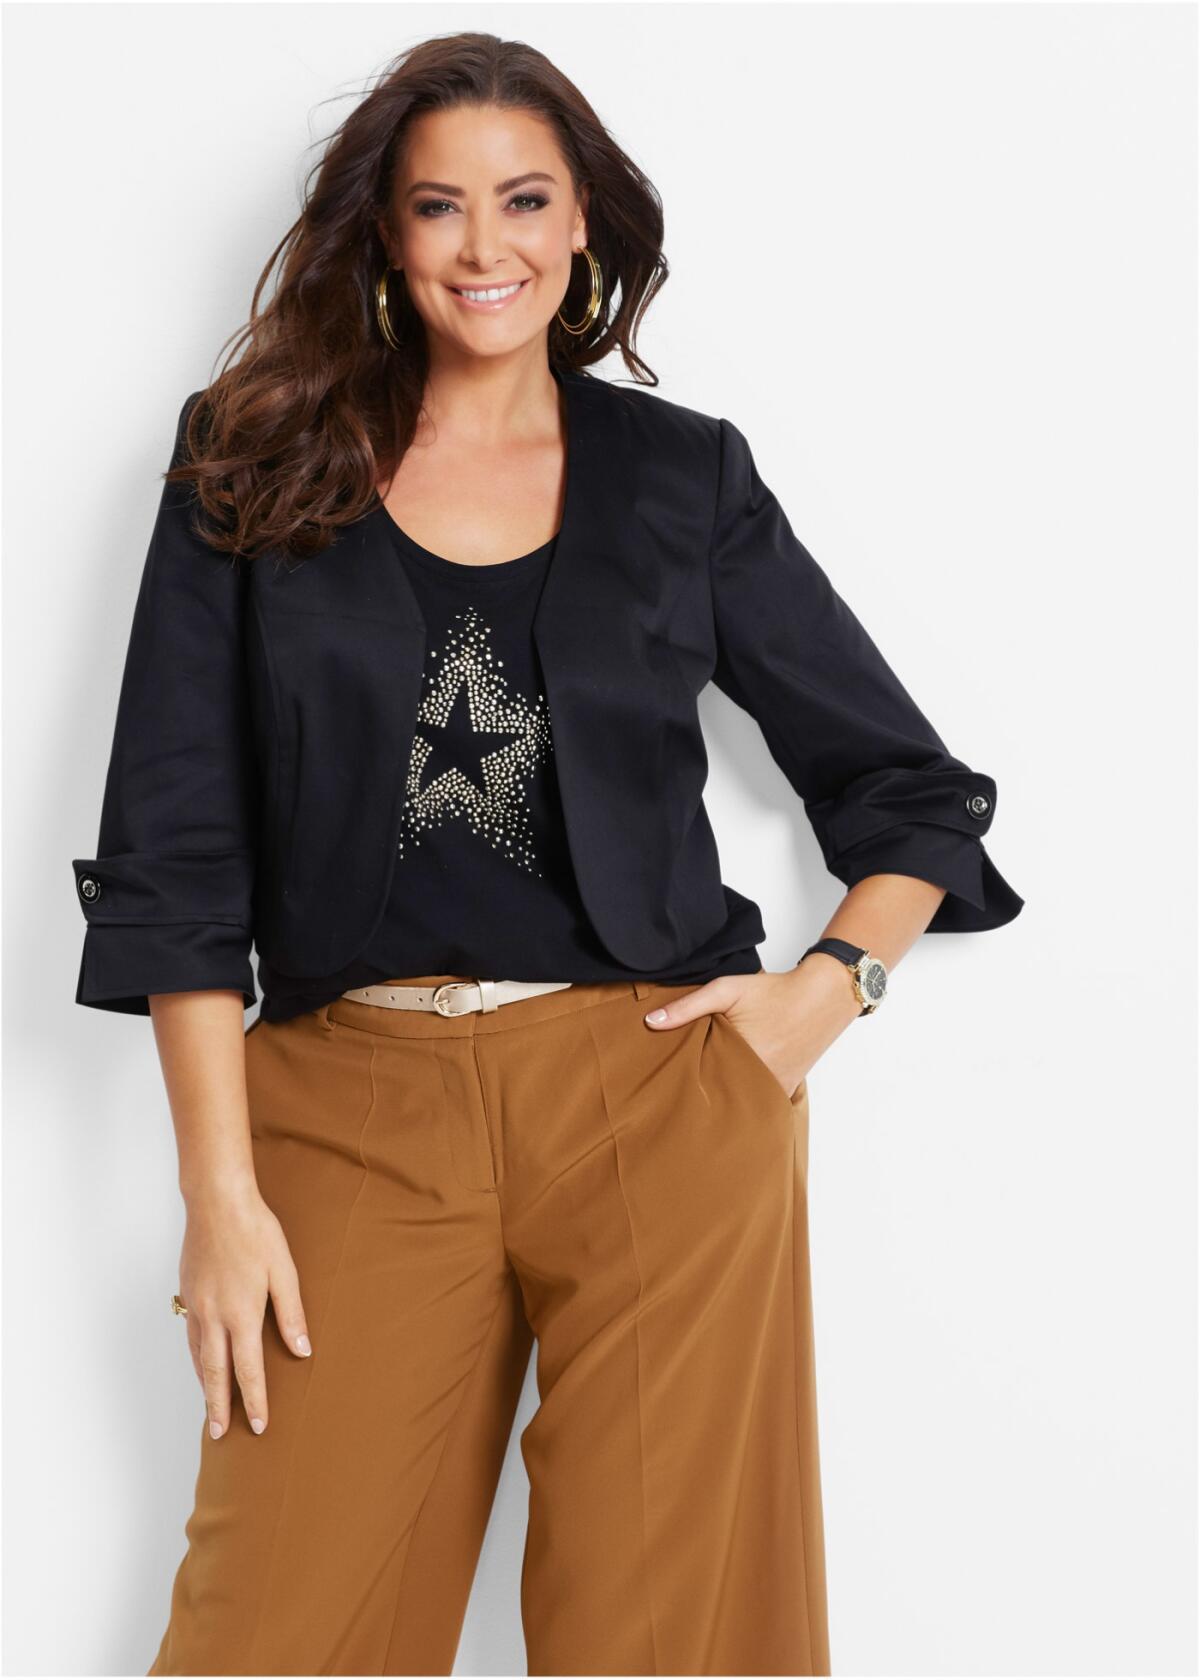 Короткий пиджак - свободные брюки